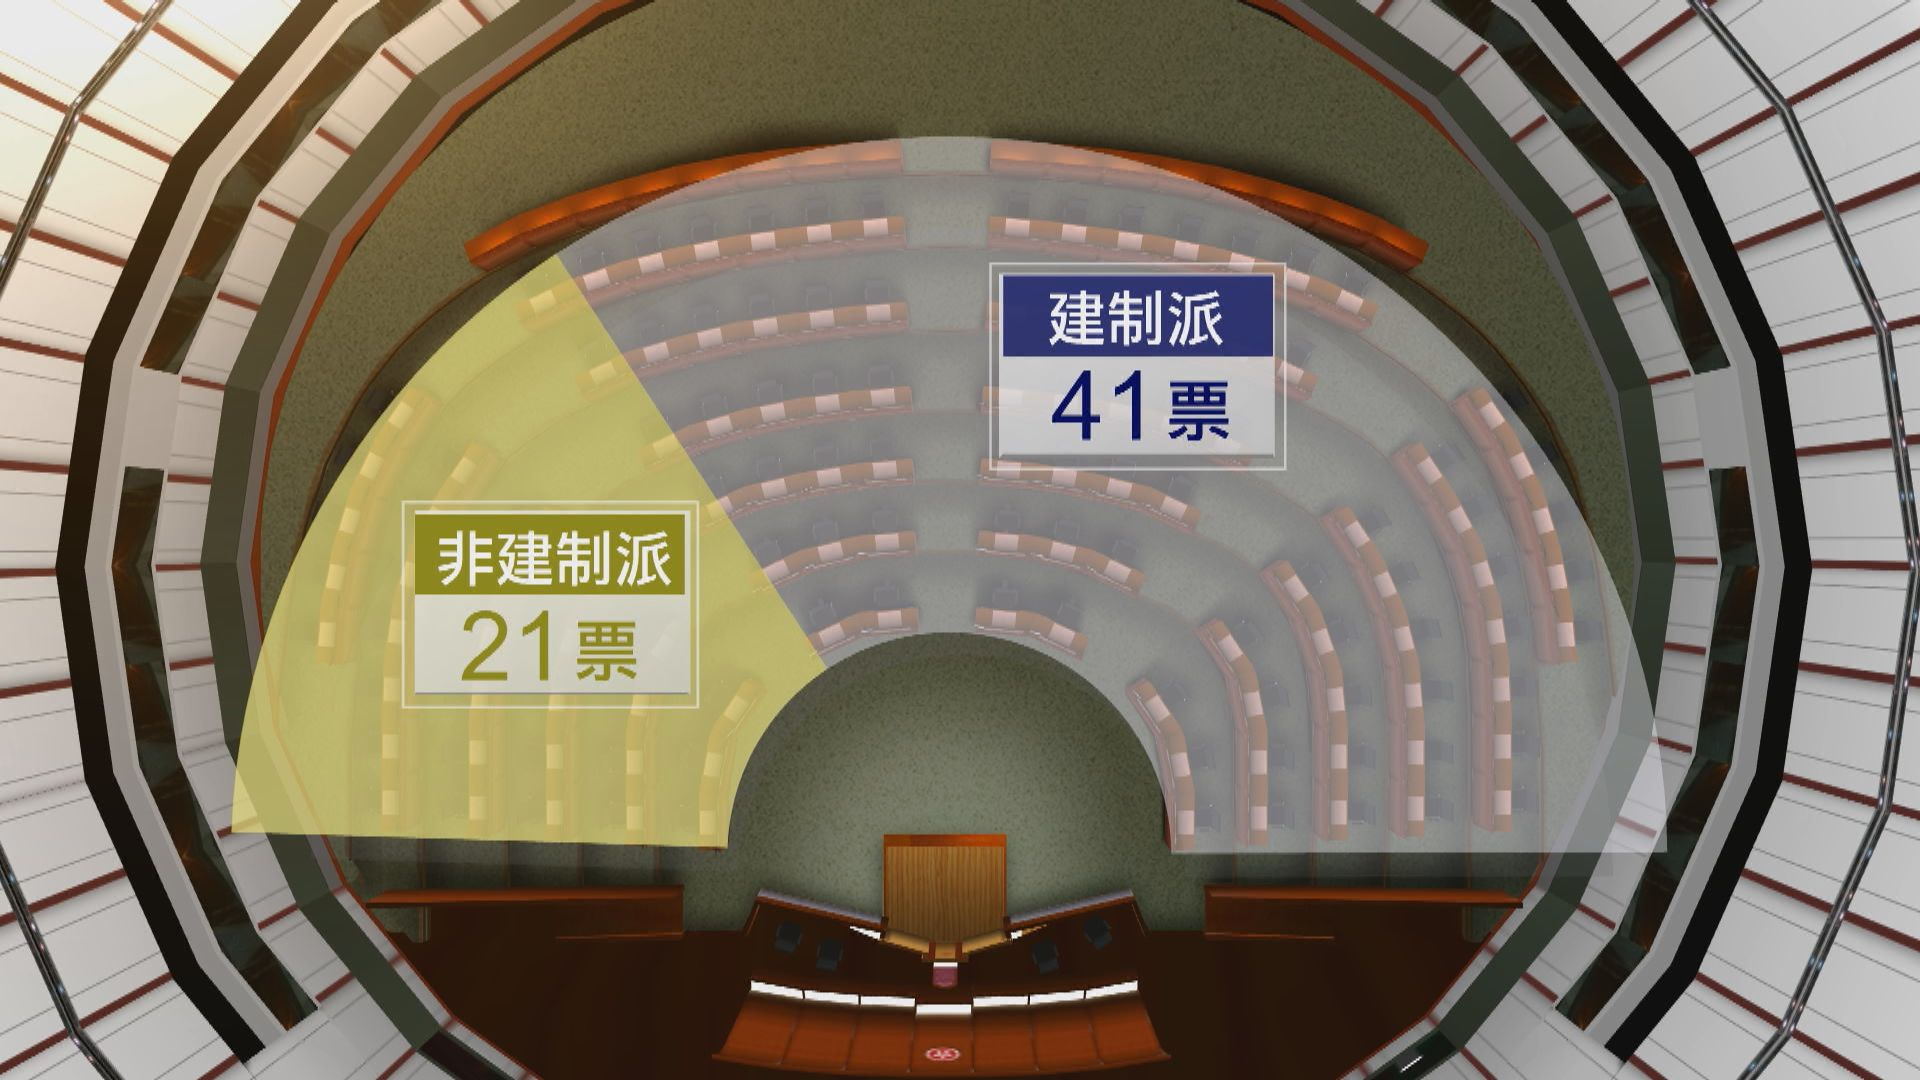 未來一年立會非建制21人 政改等重大議案不夠票通過